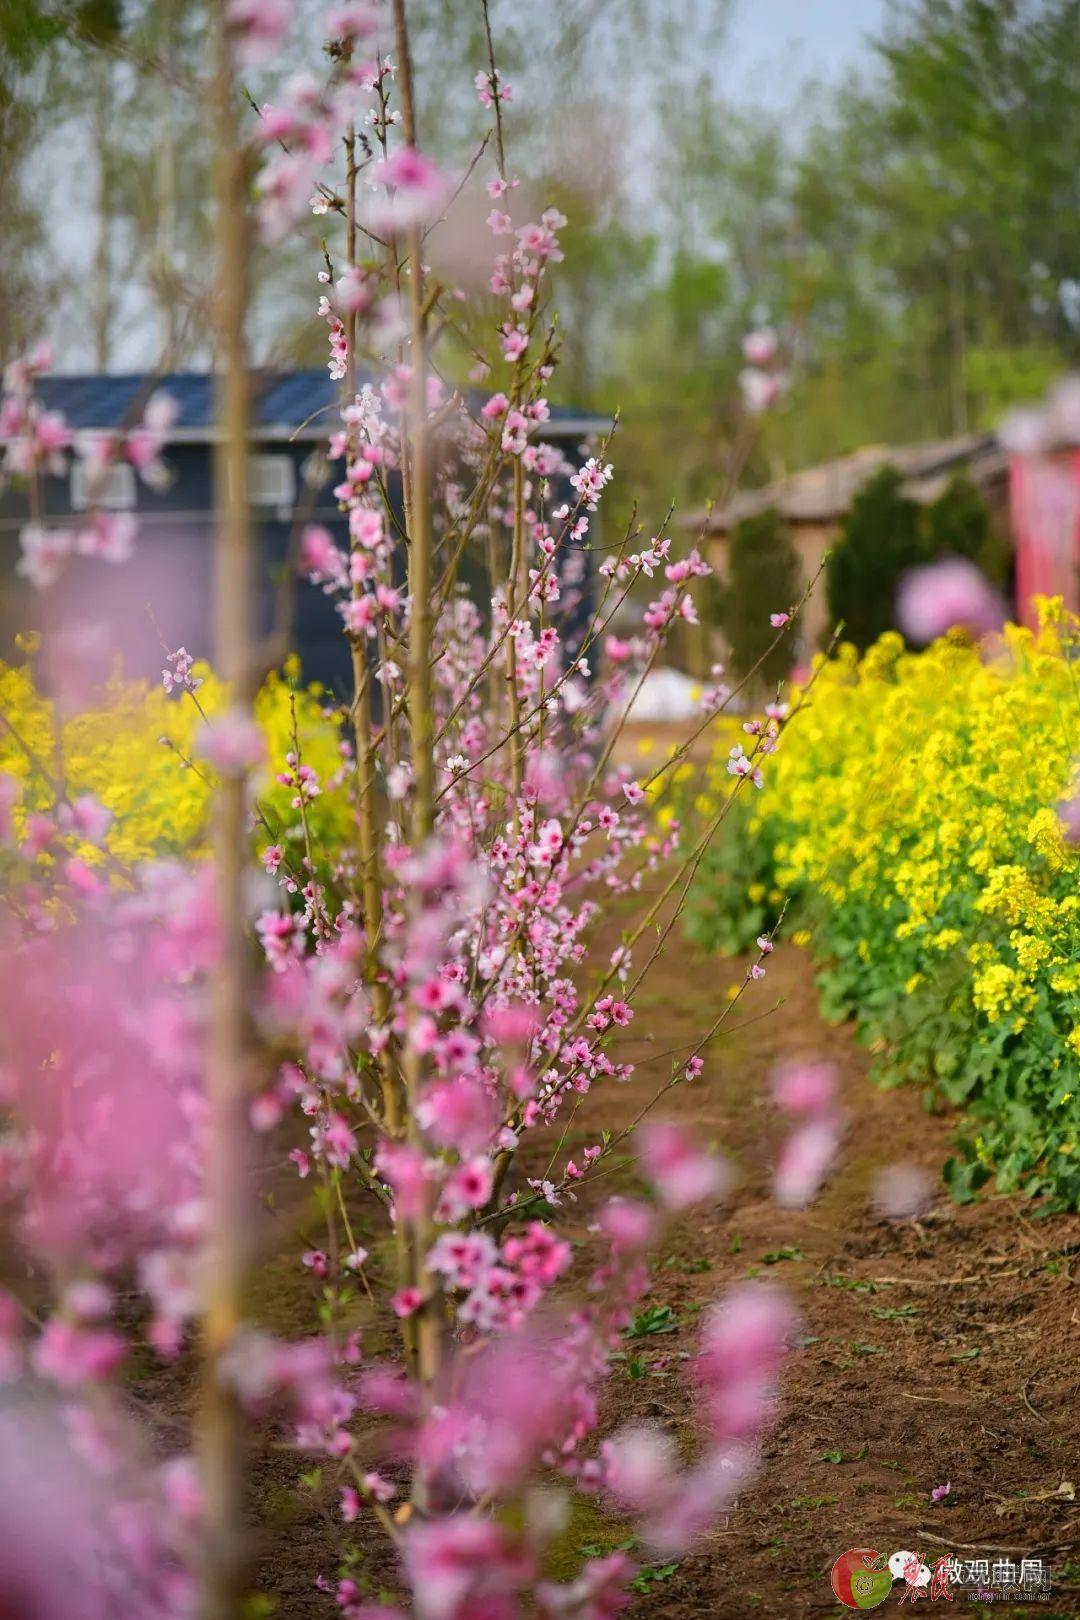 河北曲周:满园尽开黄金花 植物迷